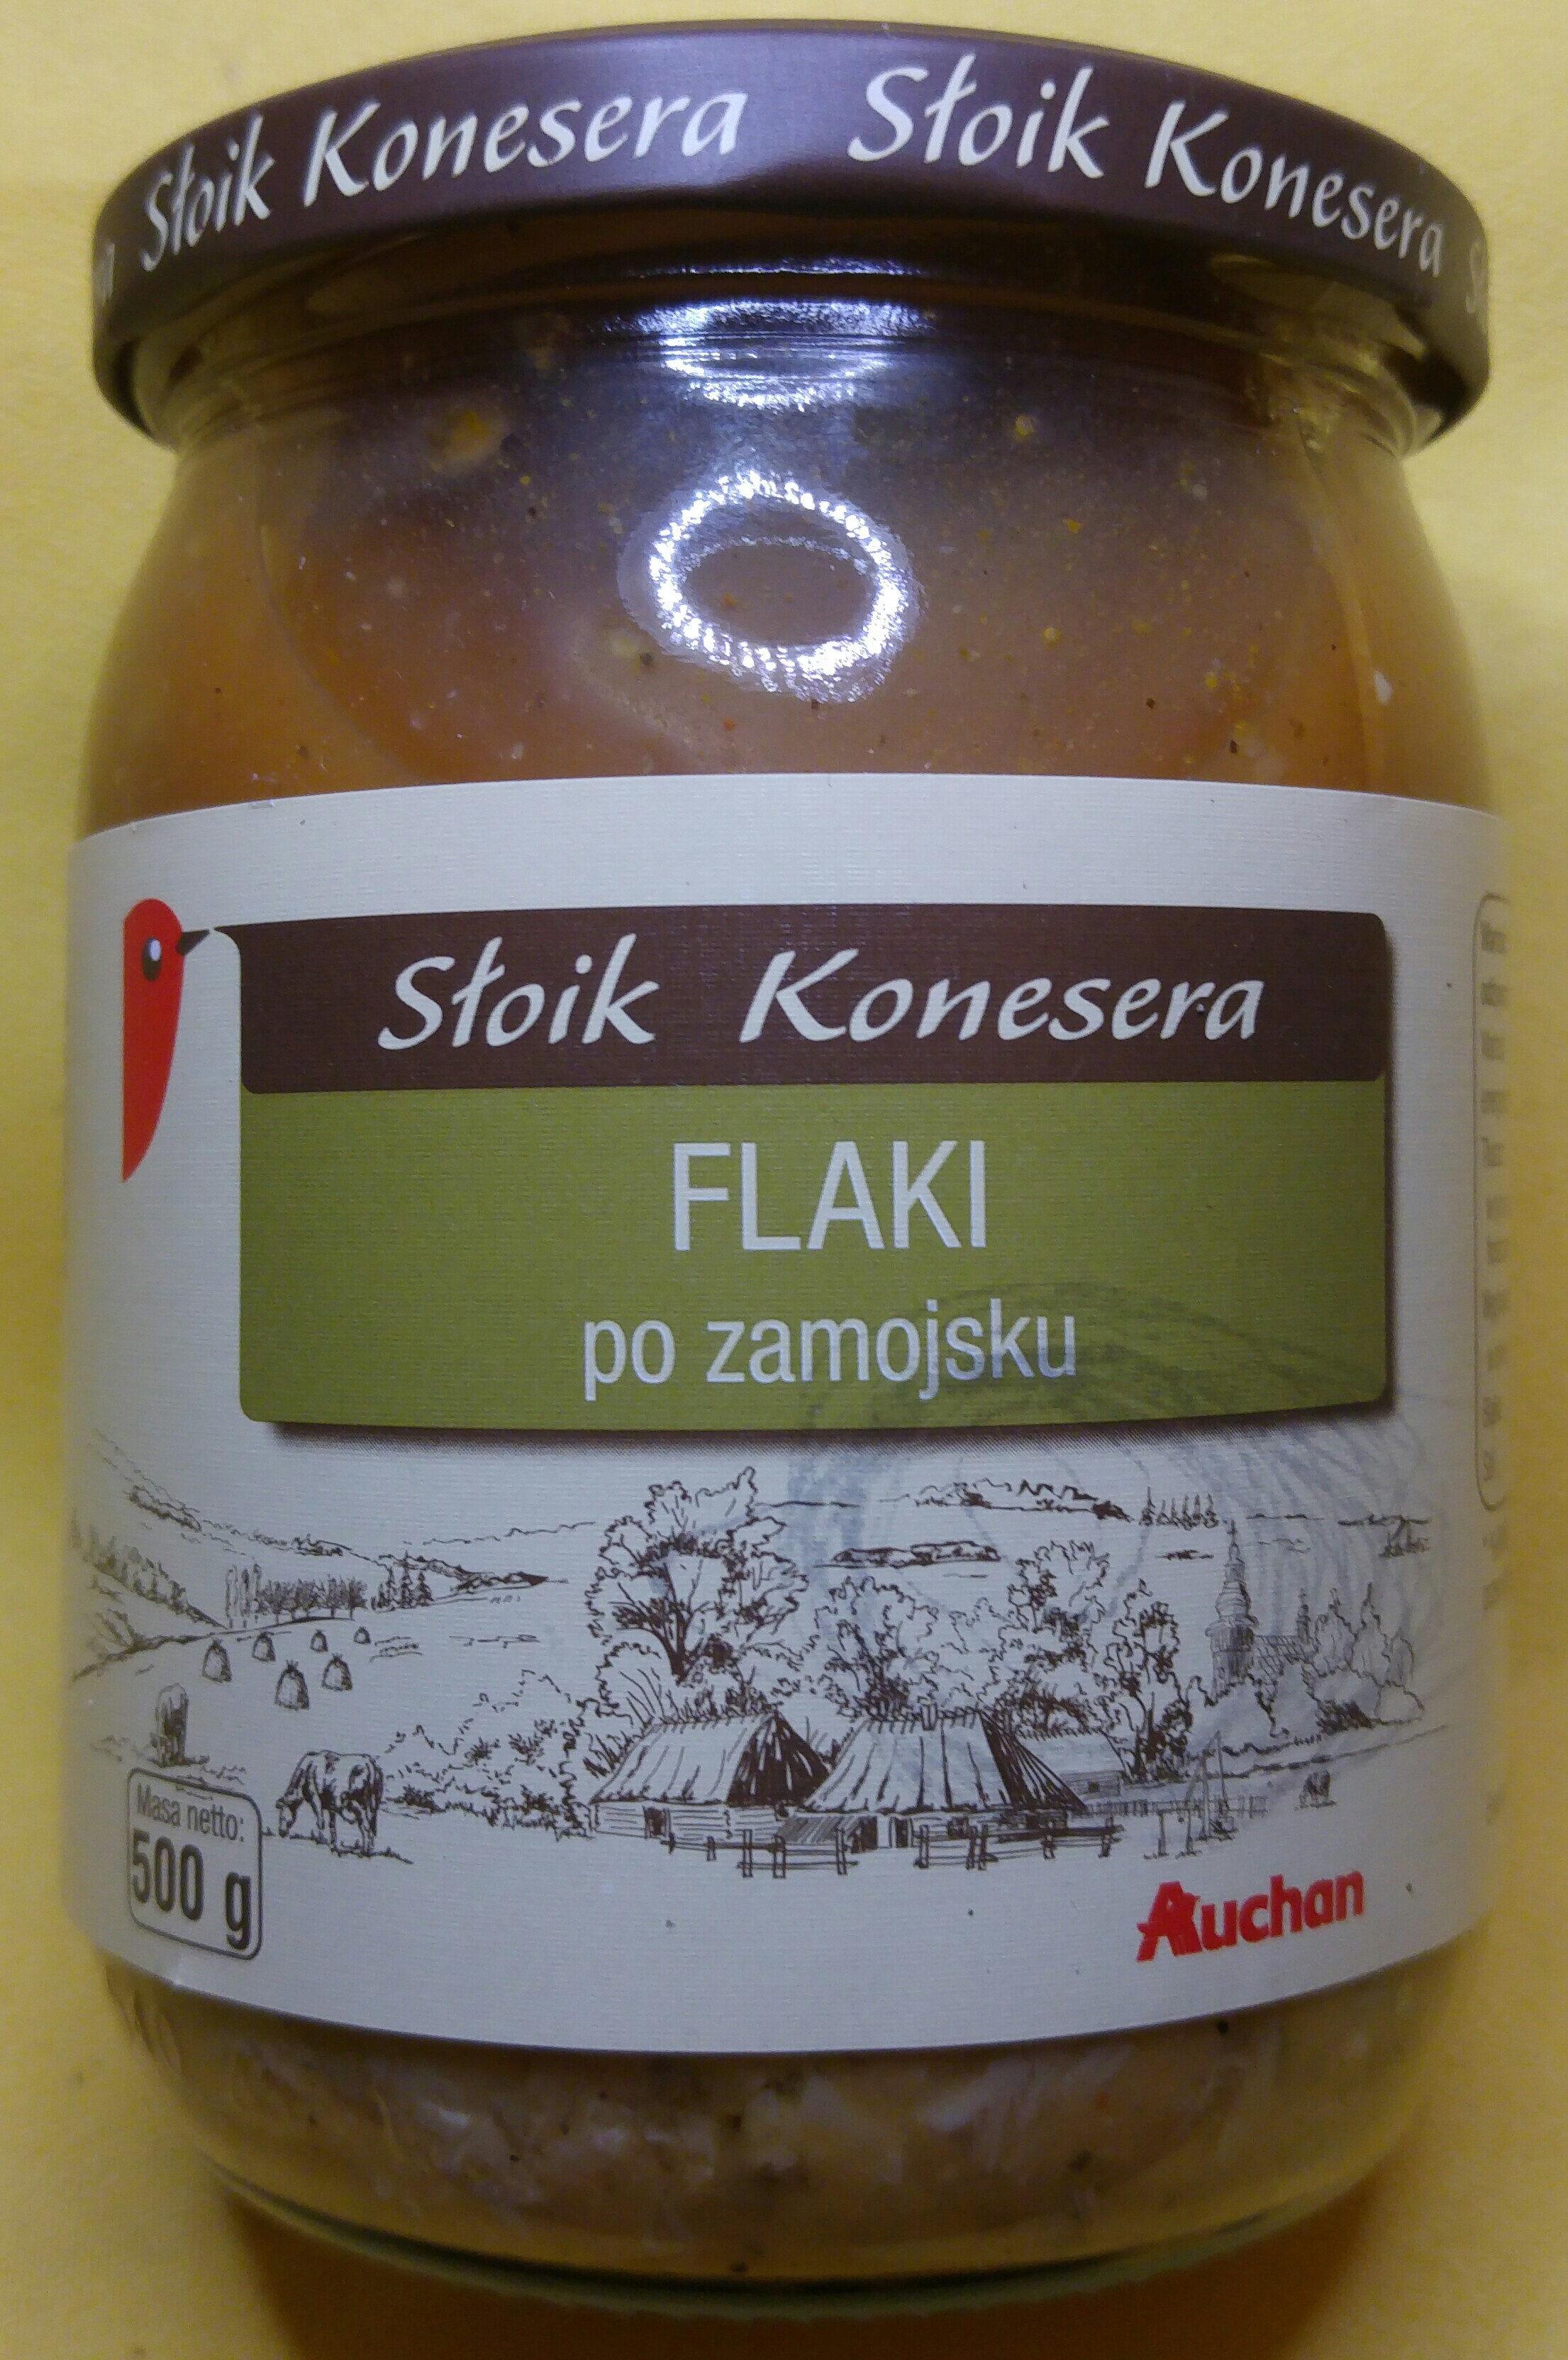 Flaki po zamojsku - flaki wołowe w sosie pomidorowym - Product - pl